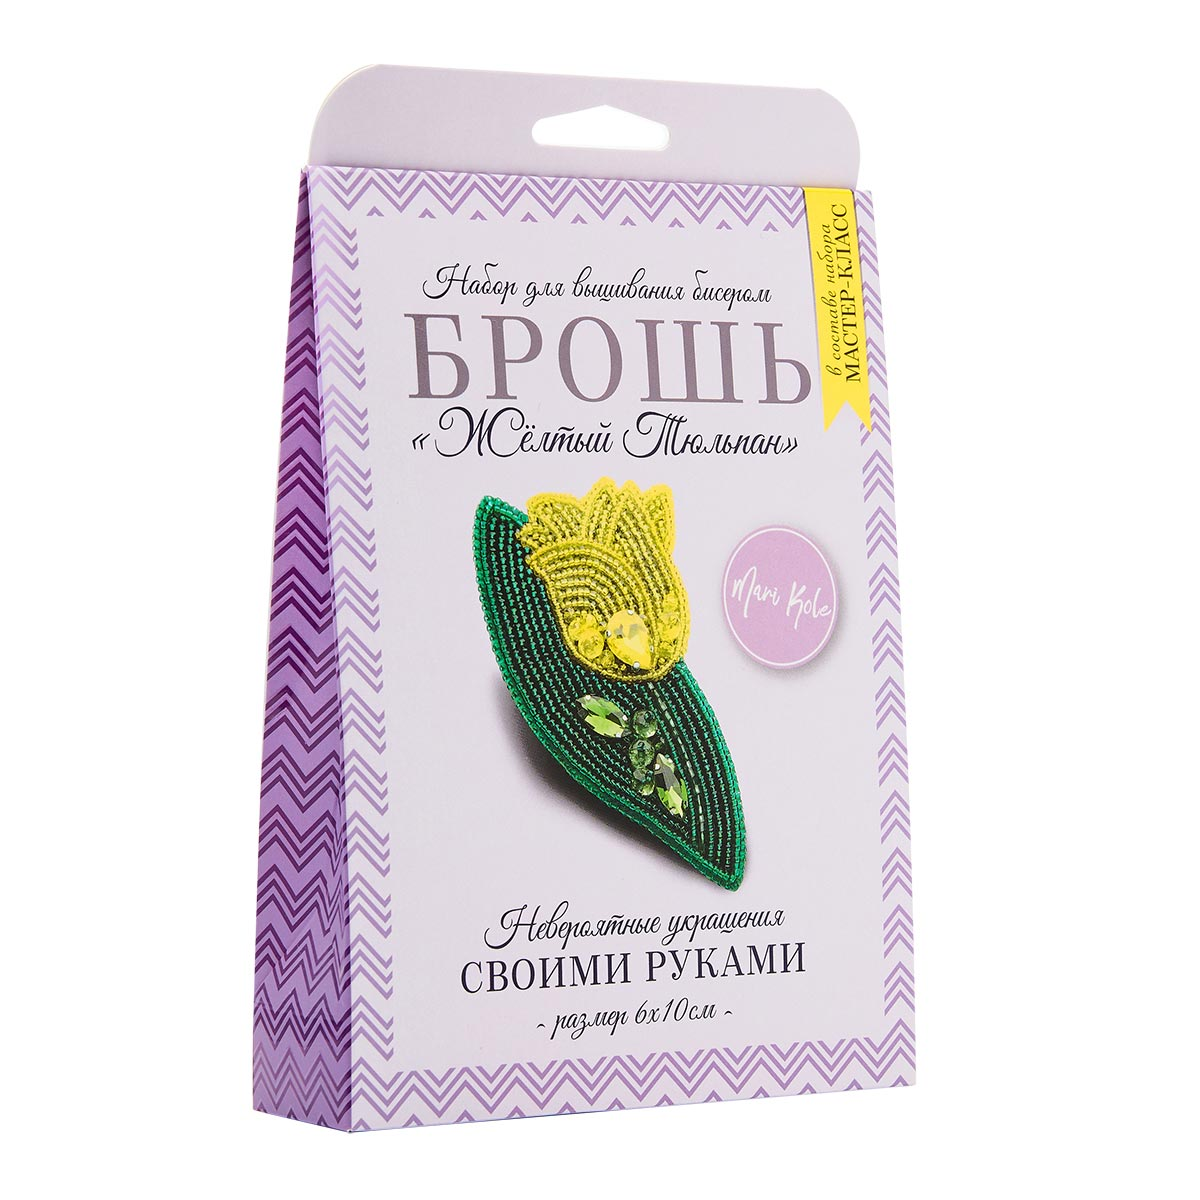 НБР-18003/1 Набор для вышивания бисером: Брошь «Жёлтый тюльпан».